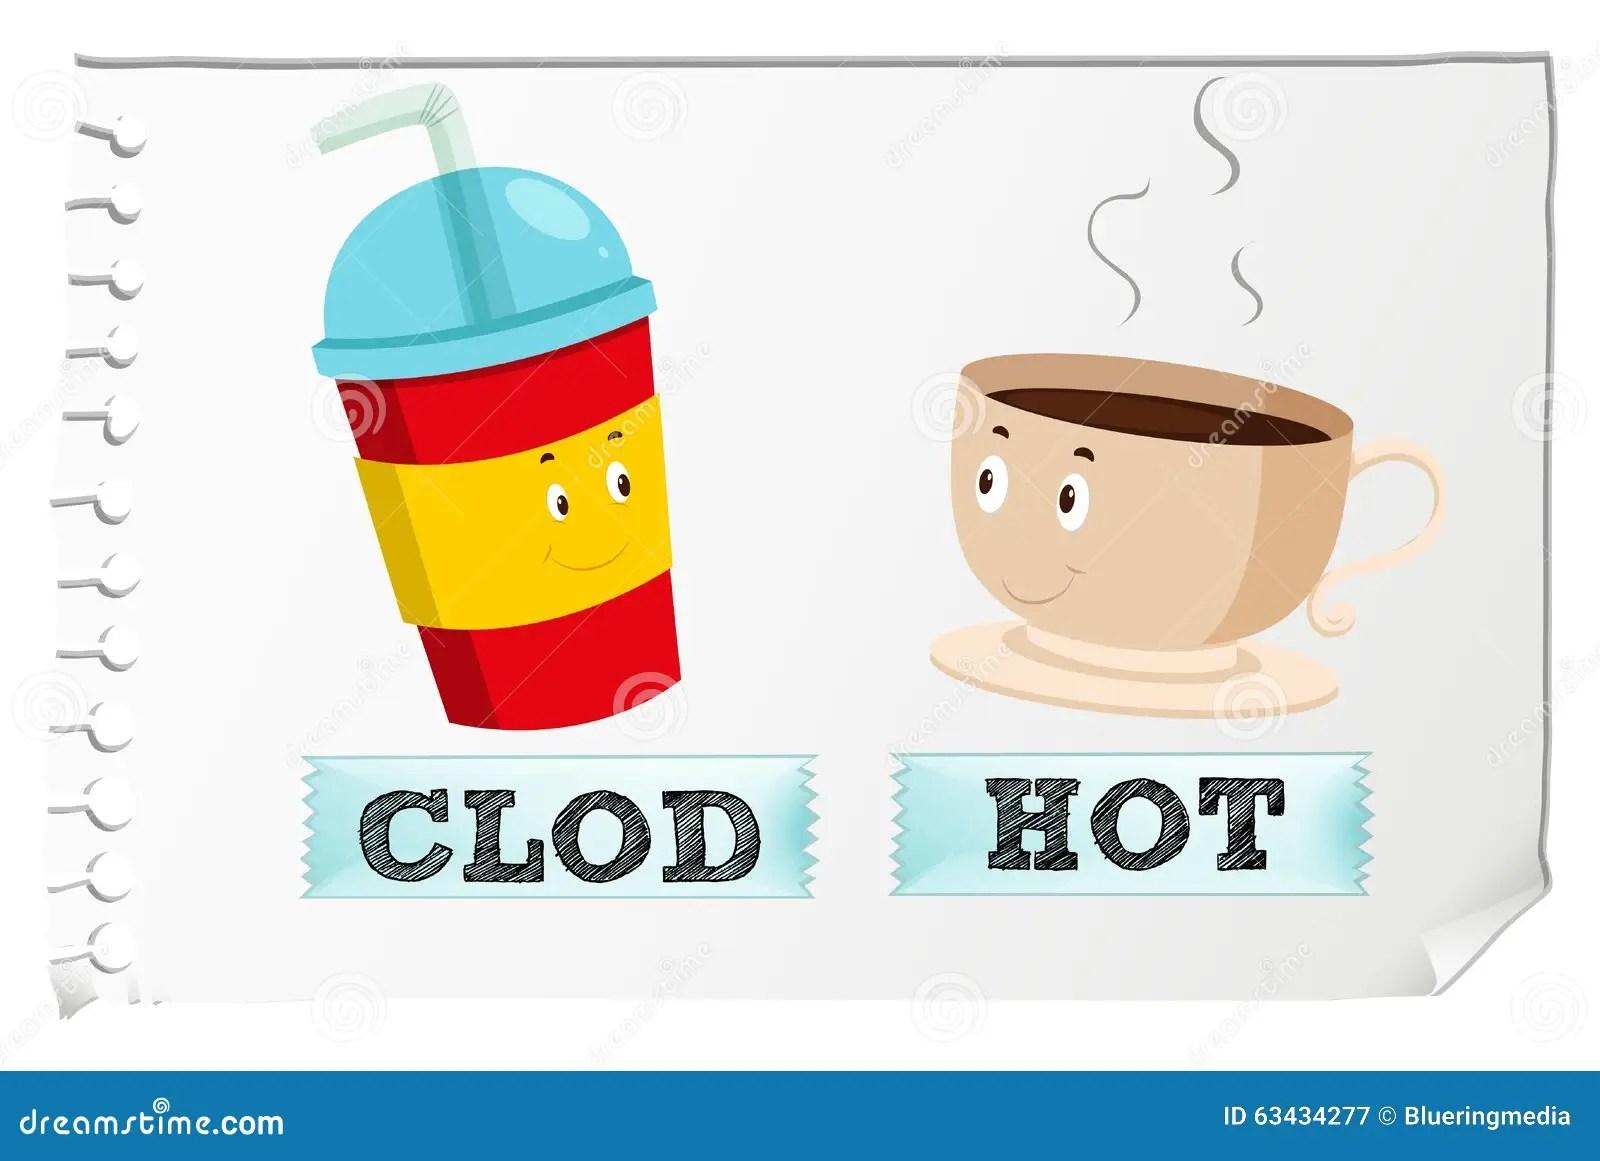 Adjetivos Opuestos Frios Y Calientes Ilustracion Del